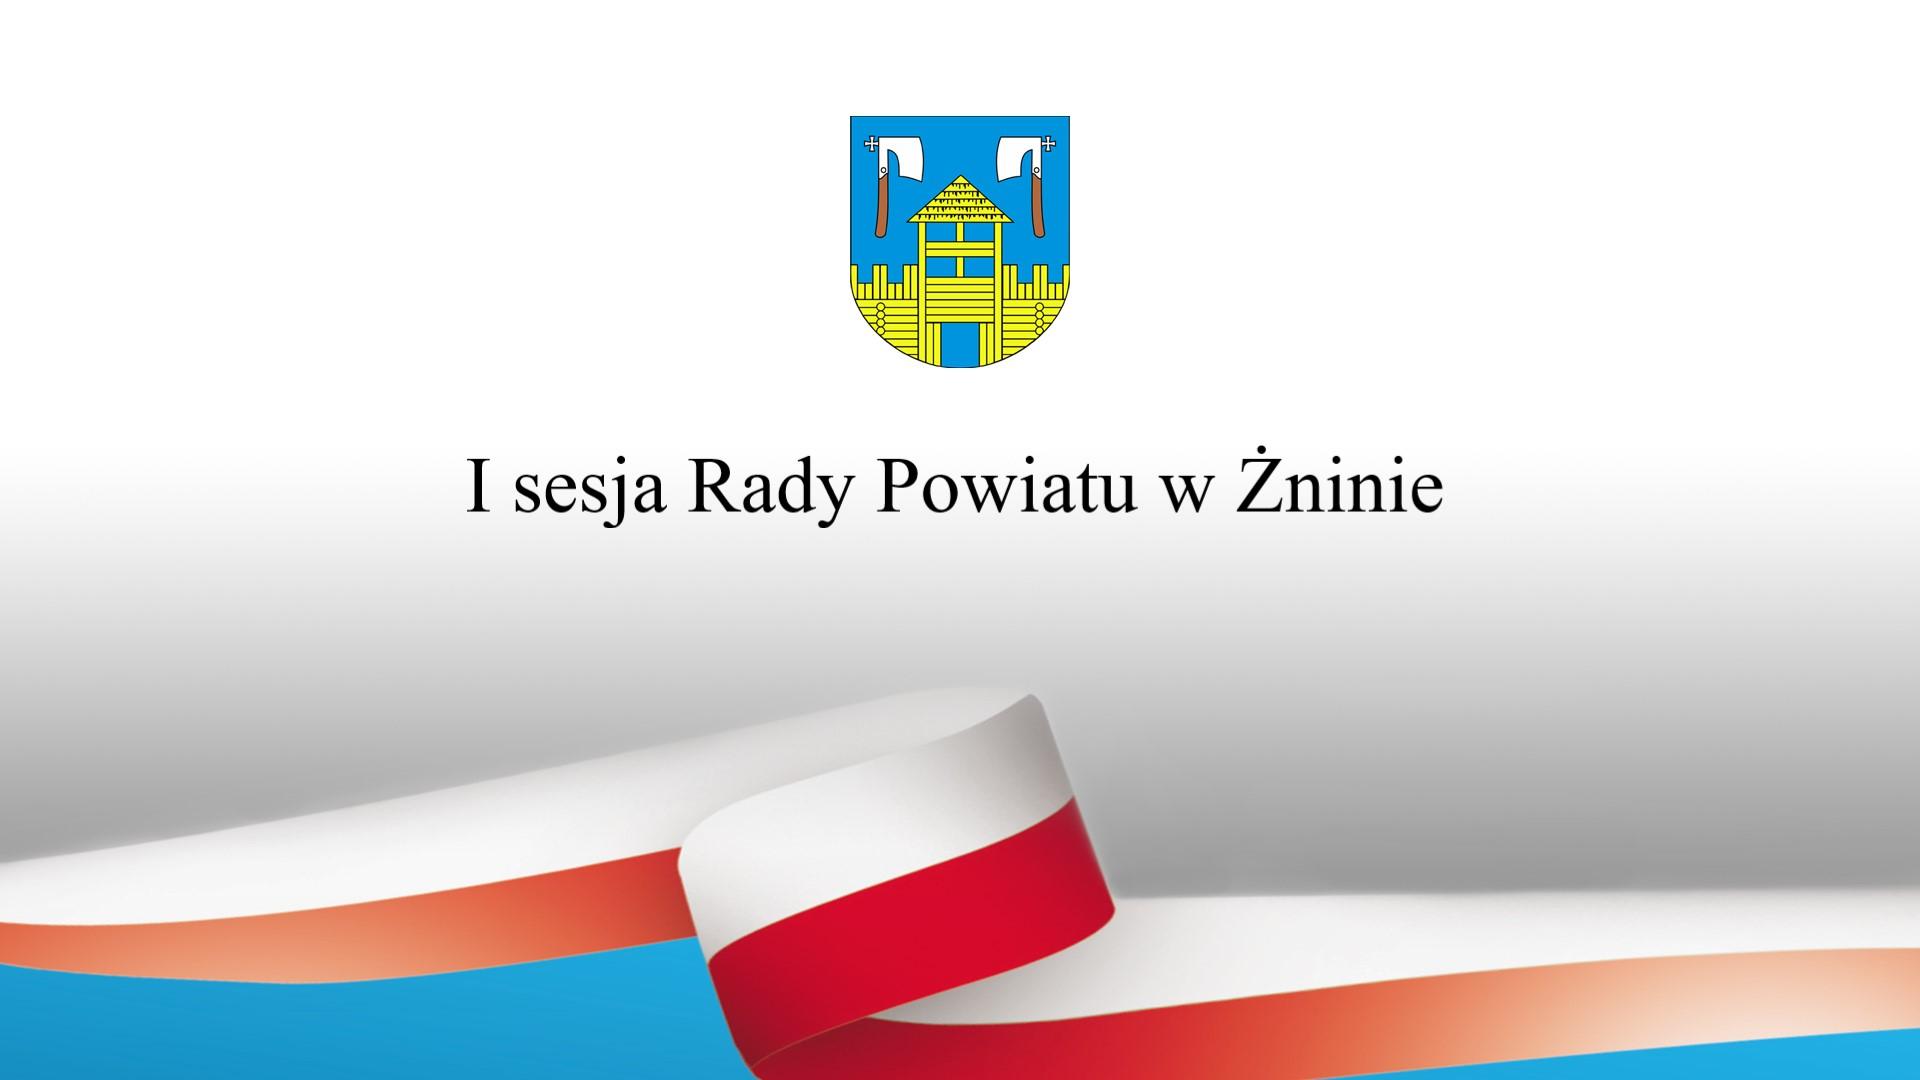 powiatzninski/I_sesja_Rady_Powiatu_w_Żninie.jpg